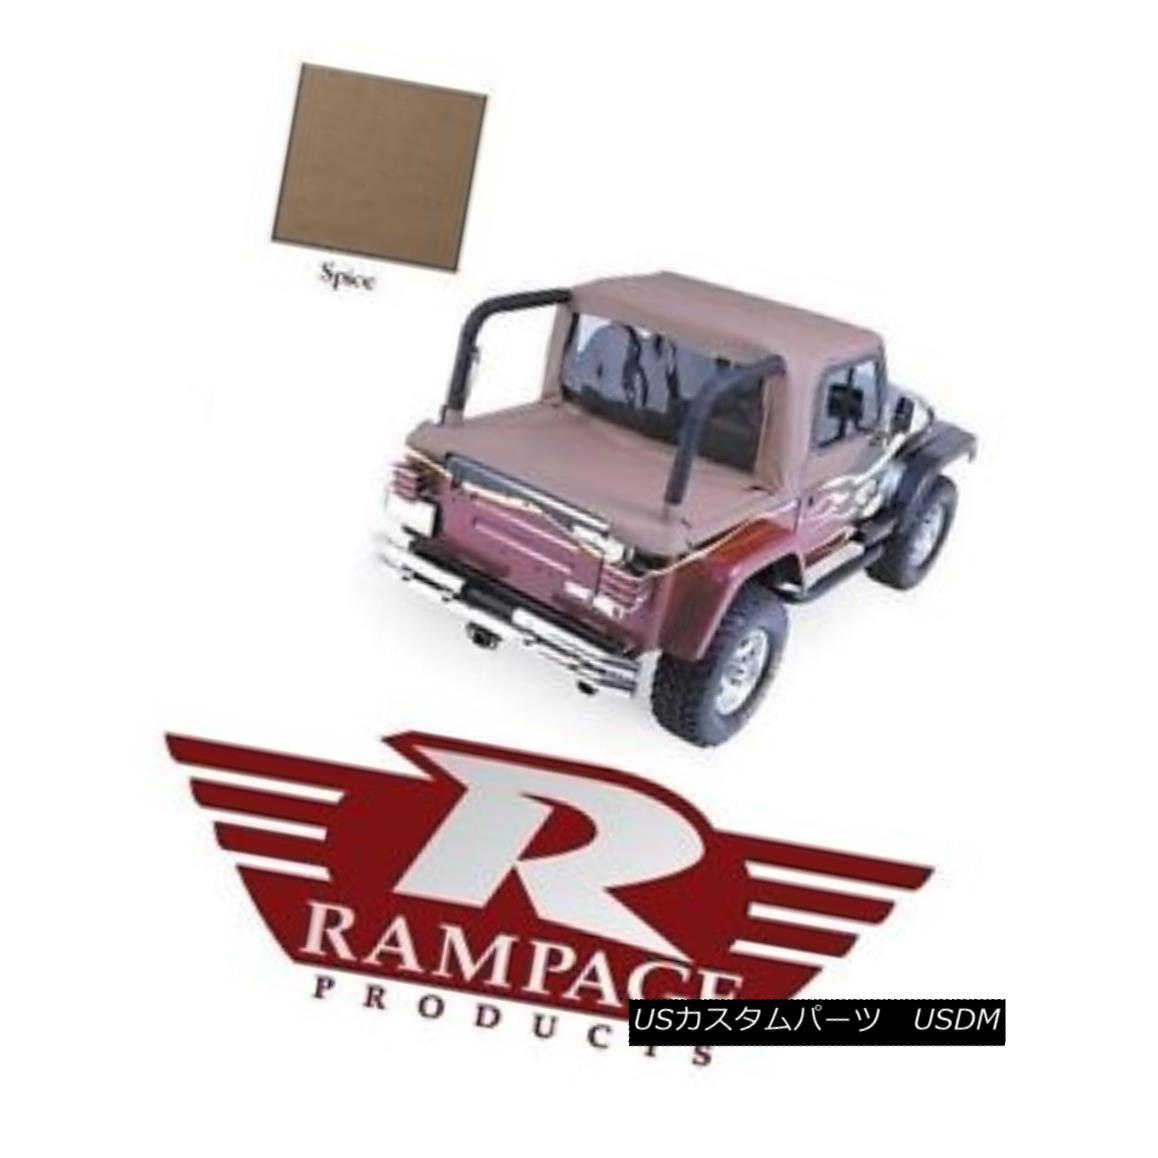 幌・ソフトトップ Rampage Full Cab Enclosure & Tonneau Cover - Spice 92-95 Jeep Wrangler YJ 993017 ランペイジフルキャブエンクロージャー& トノーカバー - スパイス92-95ジープラングラーYJ 993017